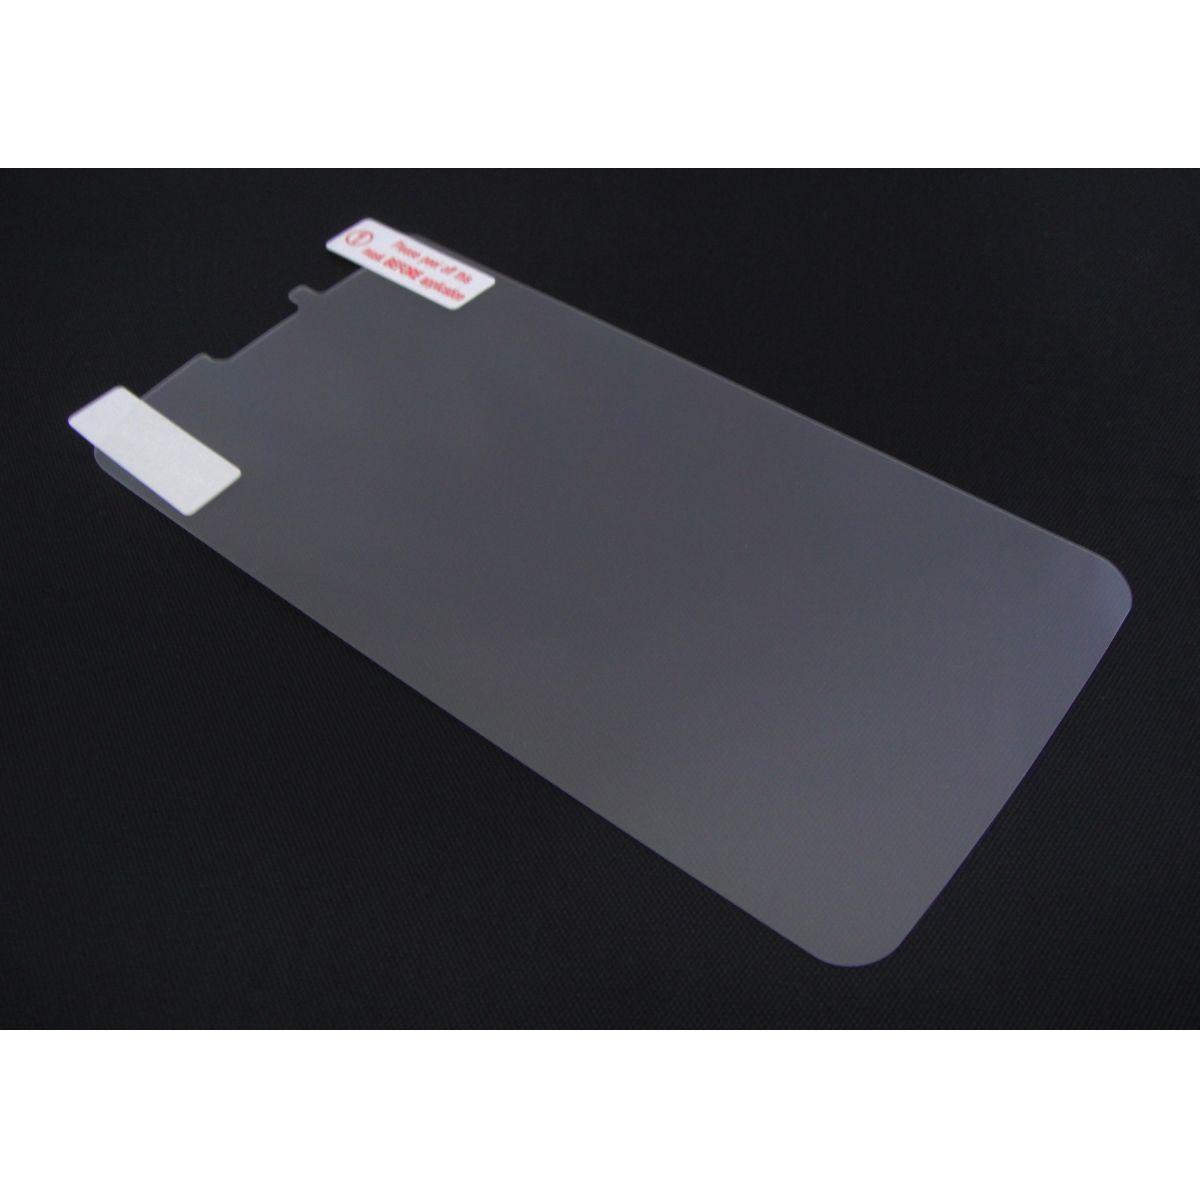 Pelicula Protetora para LG G2 D801 D802 D803 D805C Transparente